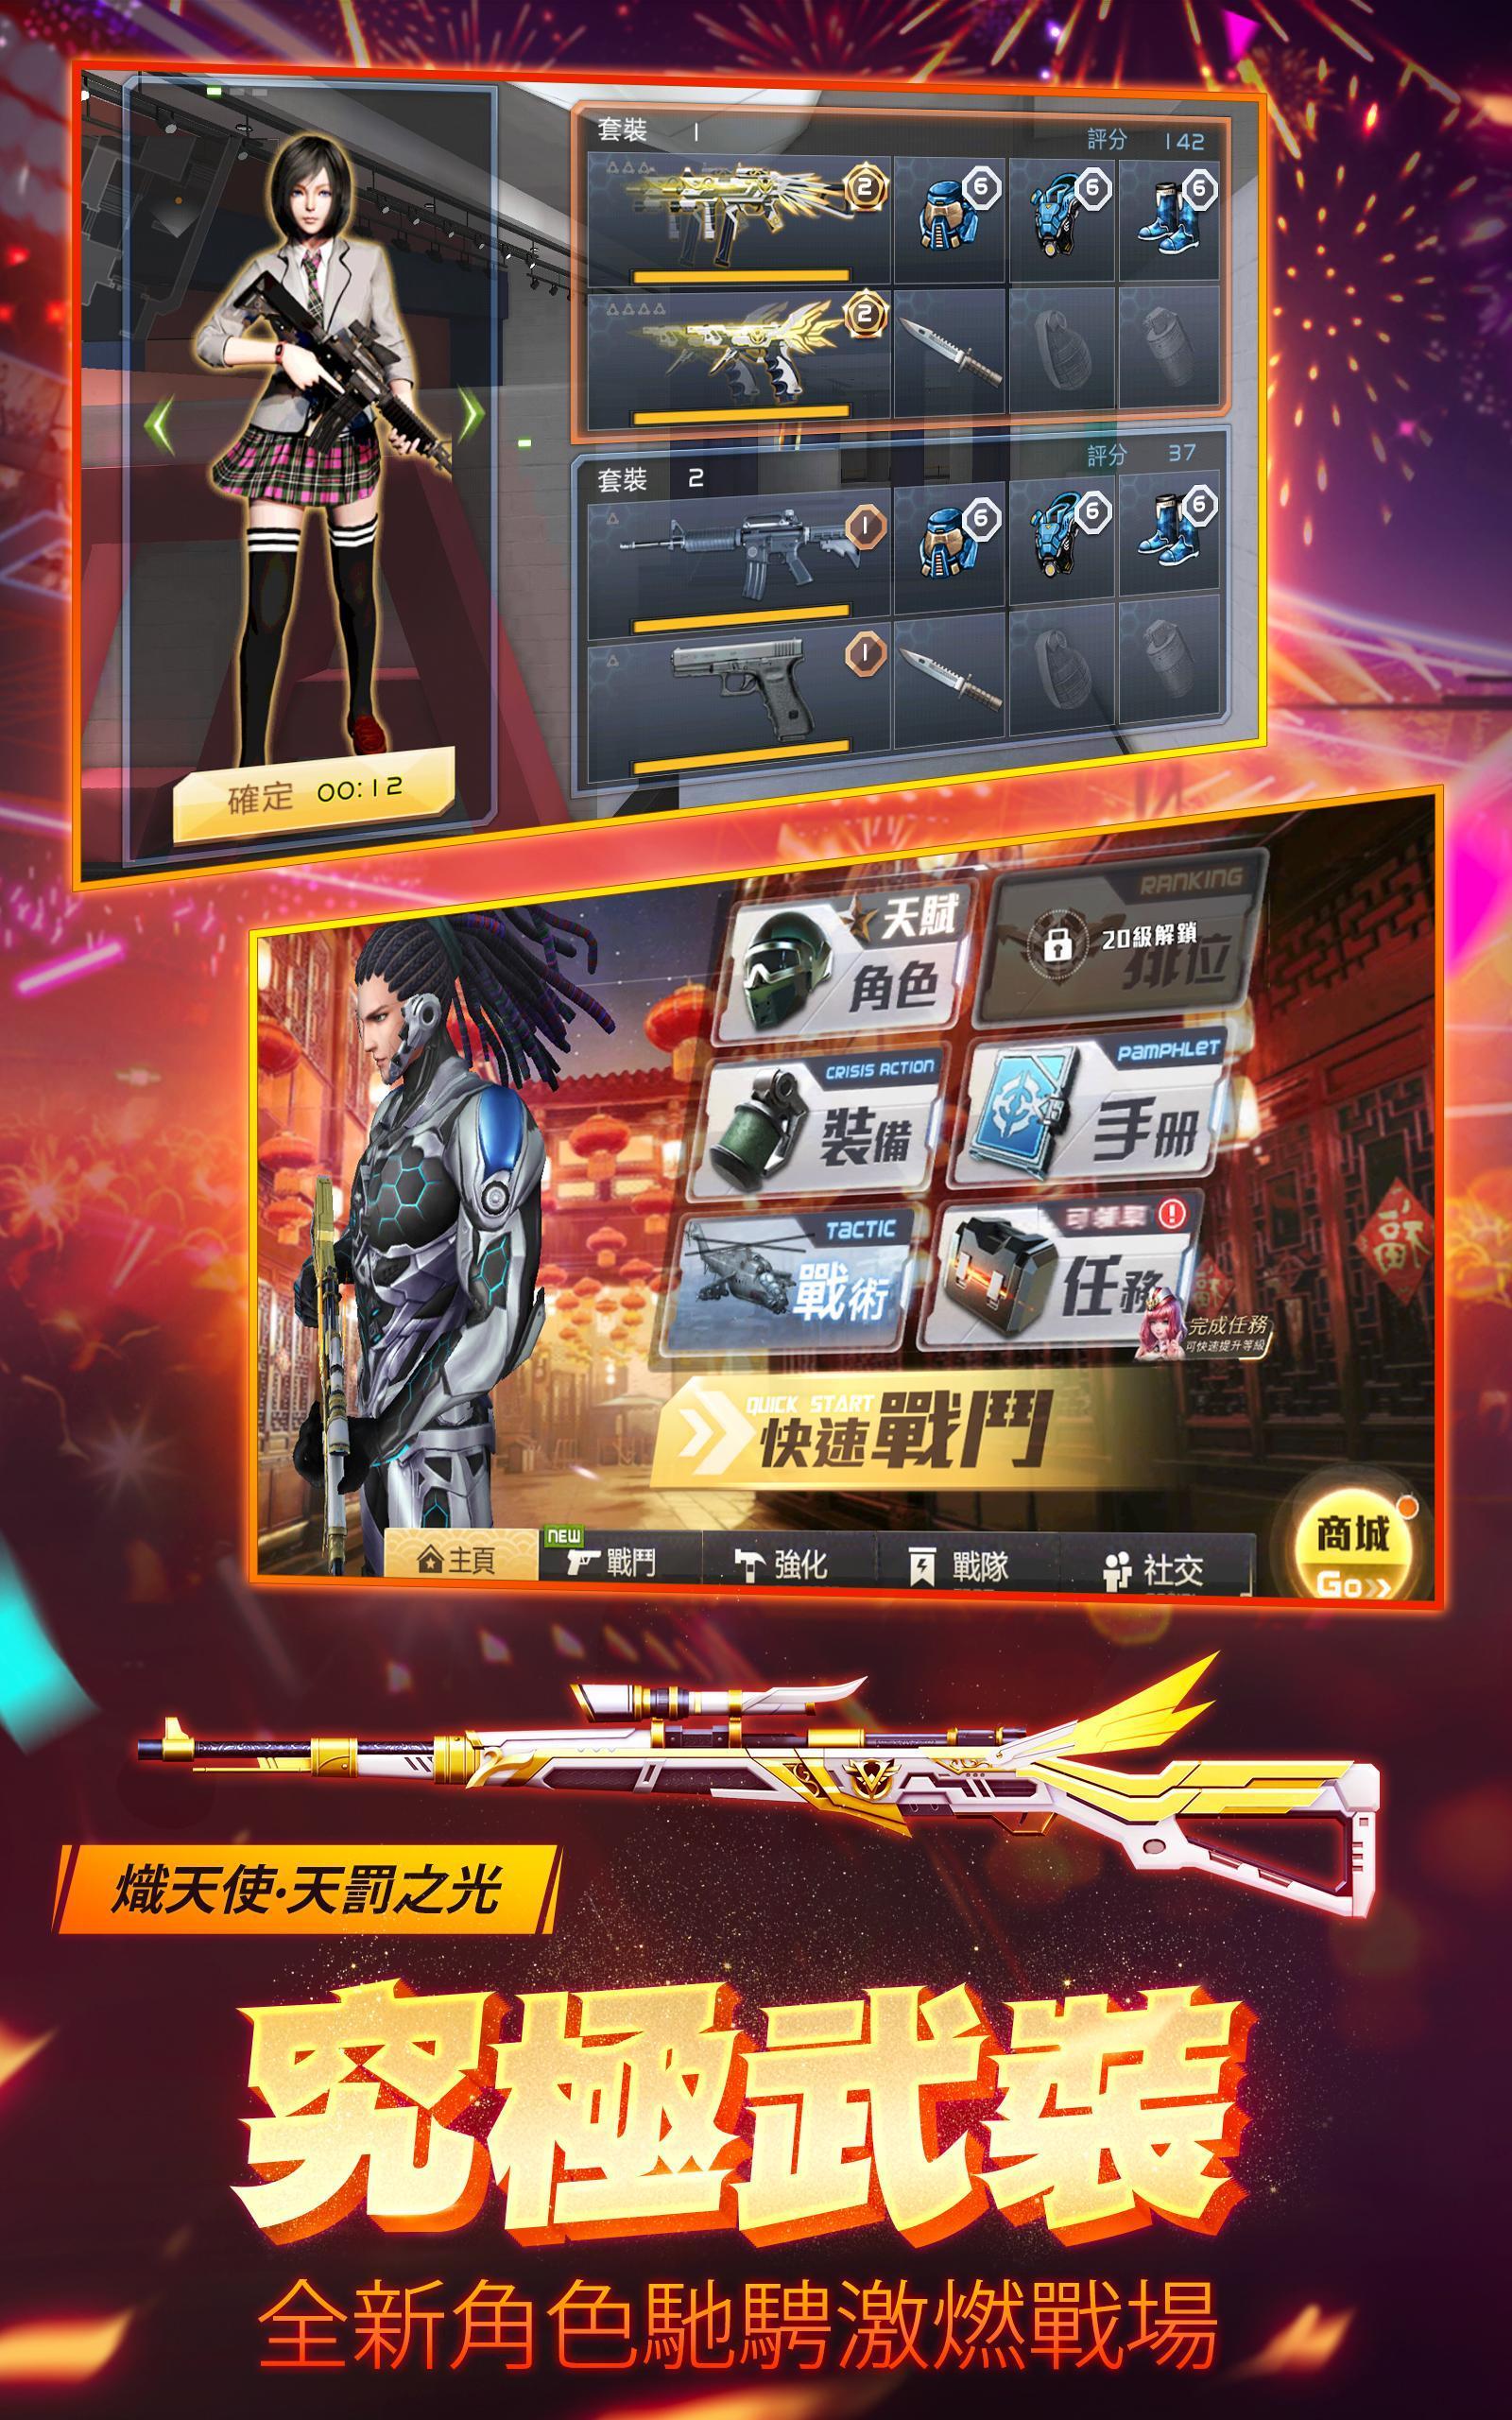 全民槍戰Crisis Action: No.1 FPS Game 3.10.03 Screenshot 8